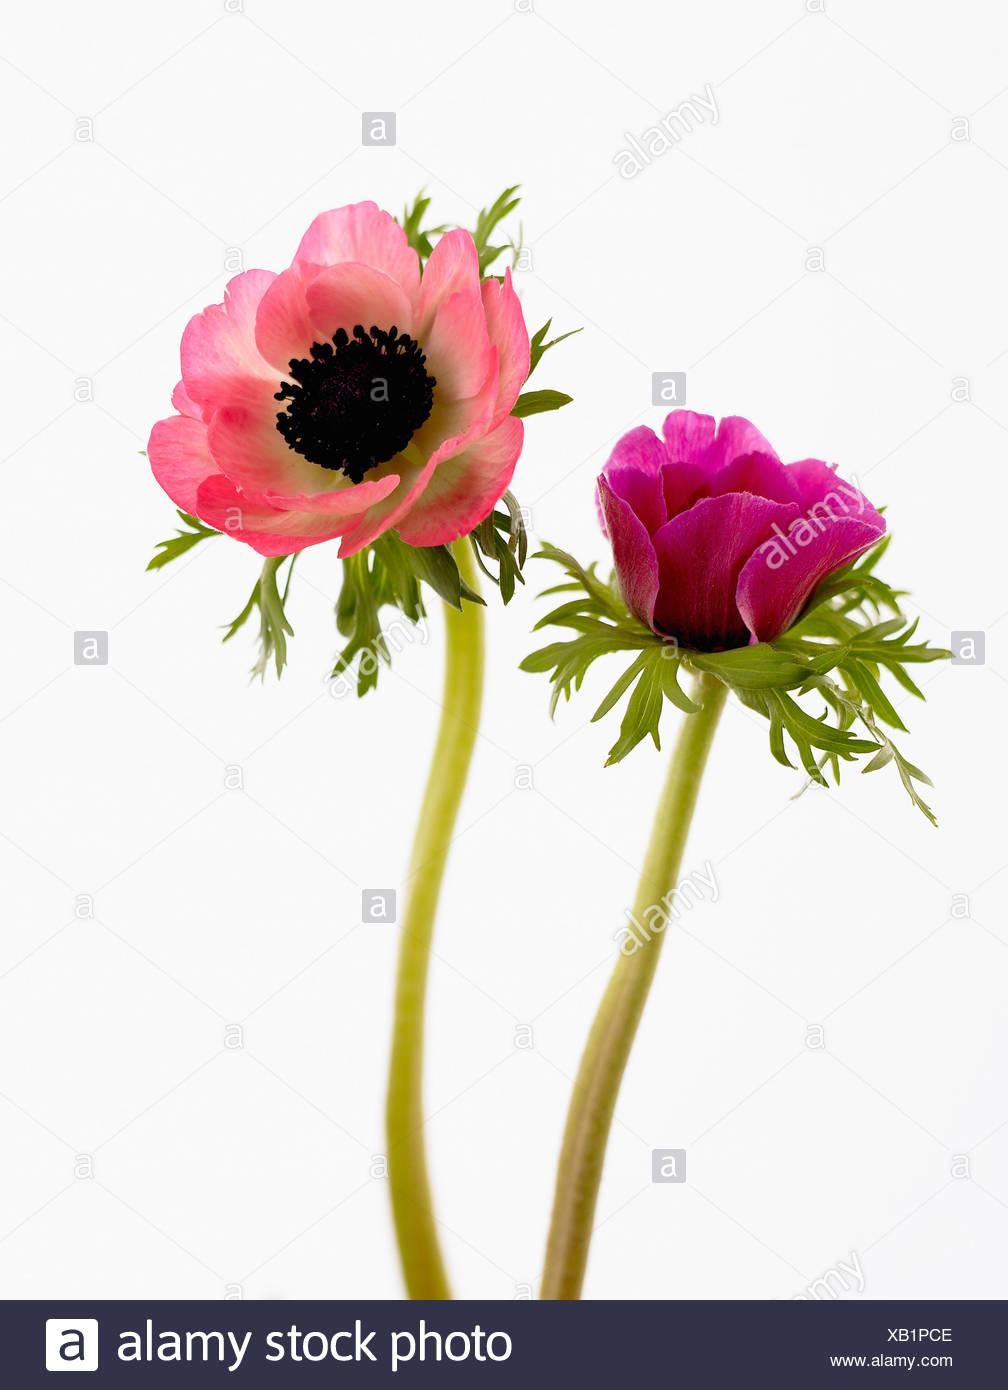 Anemone Coronaria Anemona De Jardin Solo Abrir La Flor Rosa En